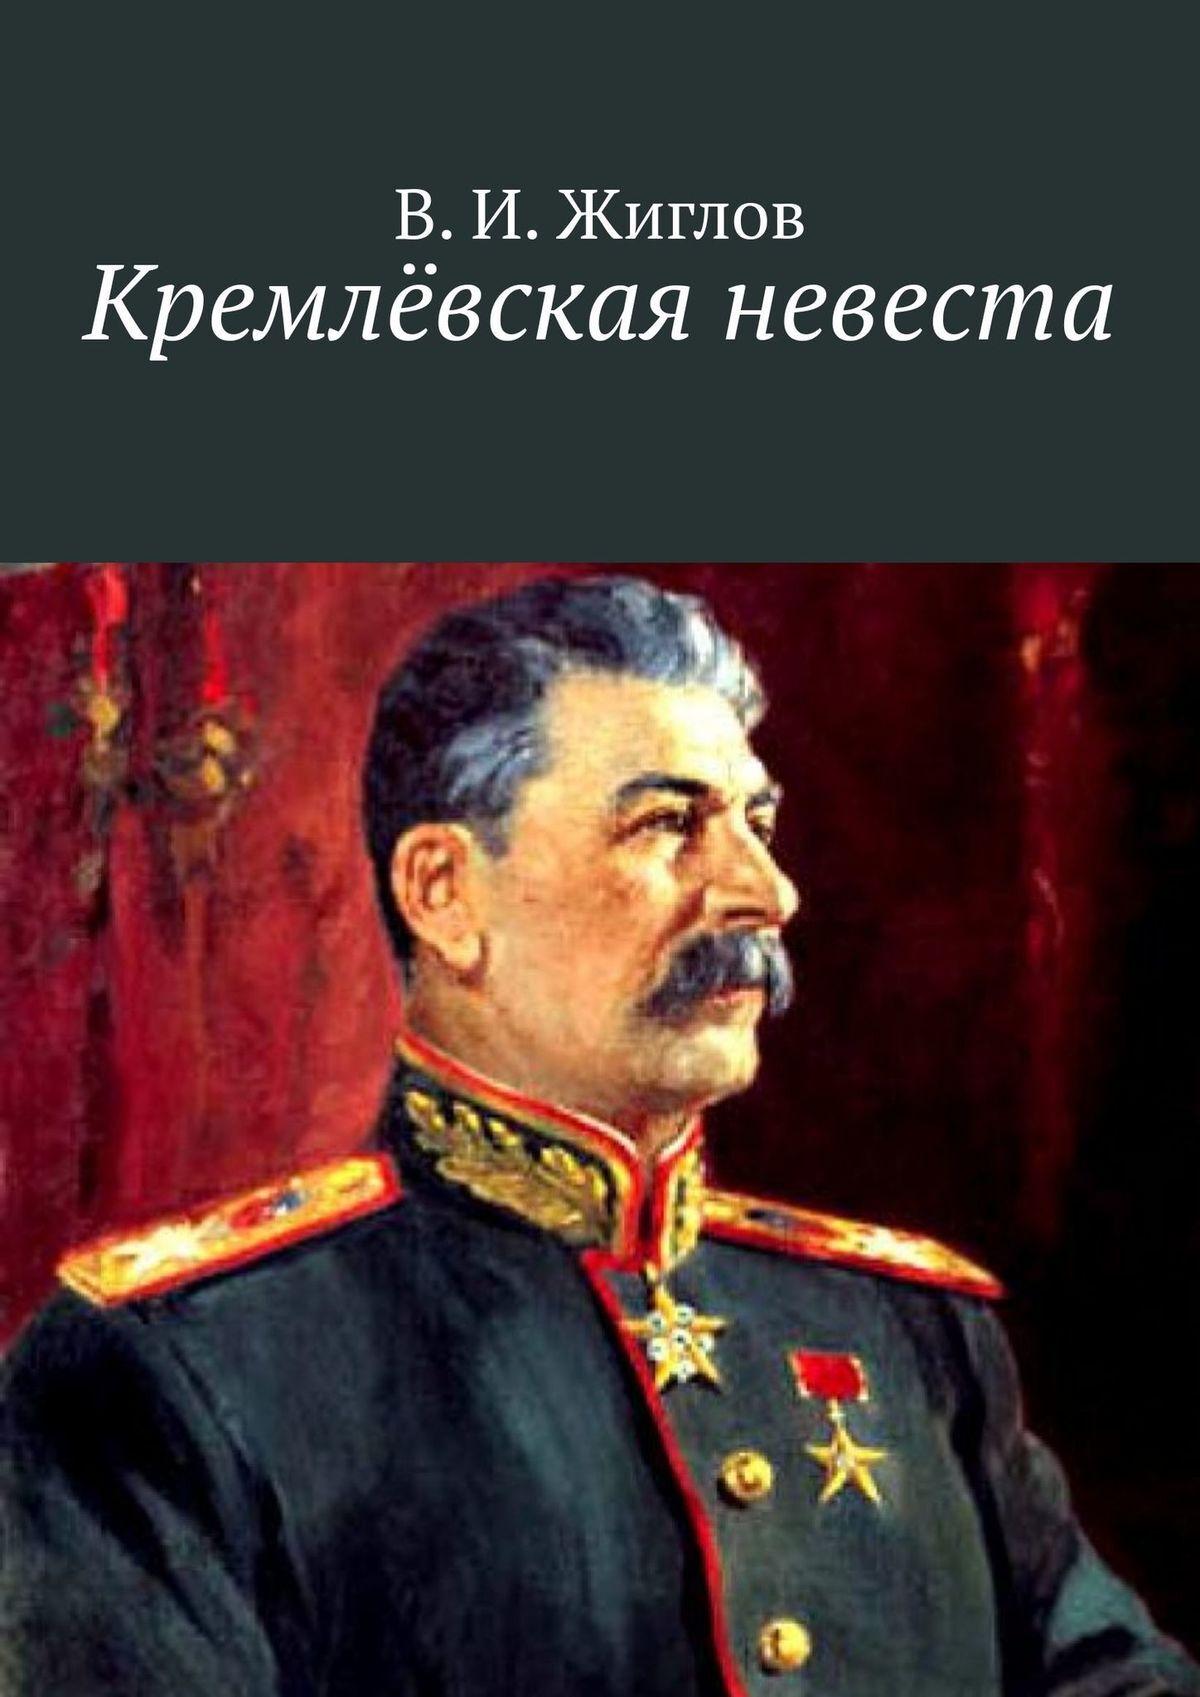 В. И. Жиглов Кремлёвская невеста. Новеллы в и жиглов наш срібний ставок